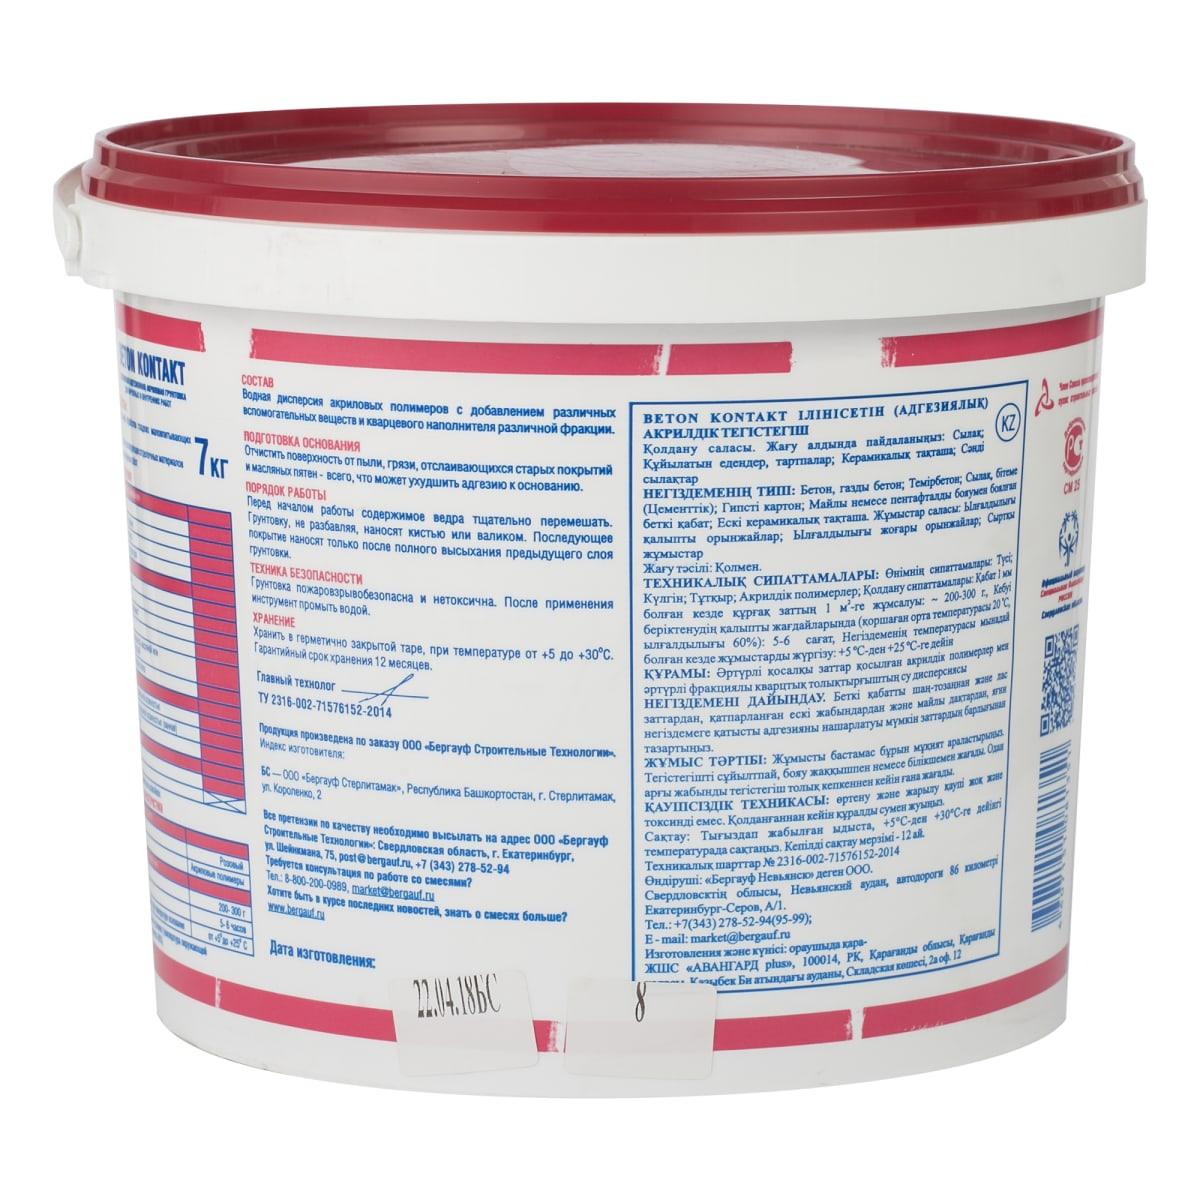 Купить бергауф бетон контакт заказ бетона челны